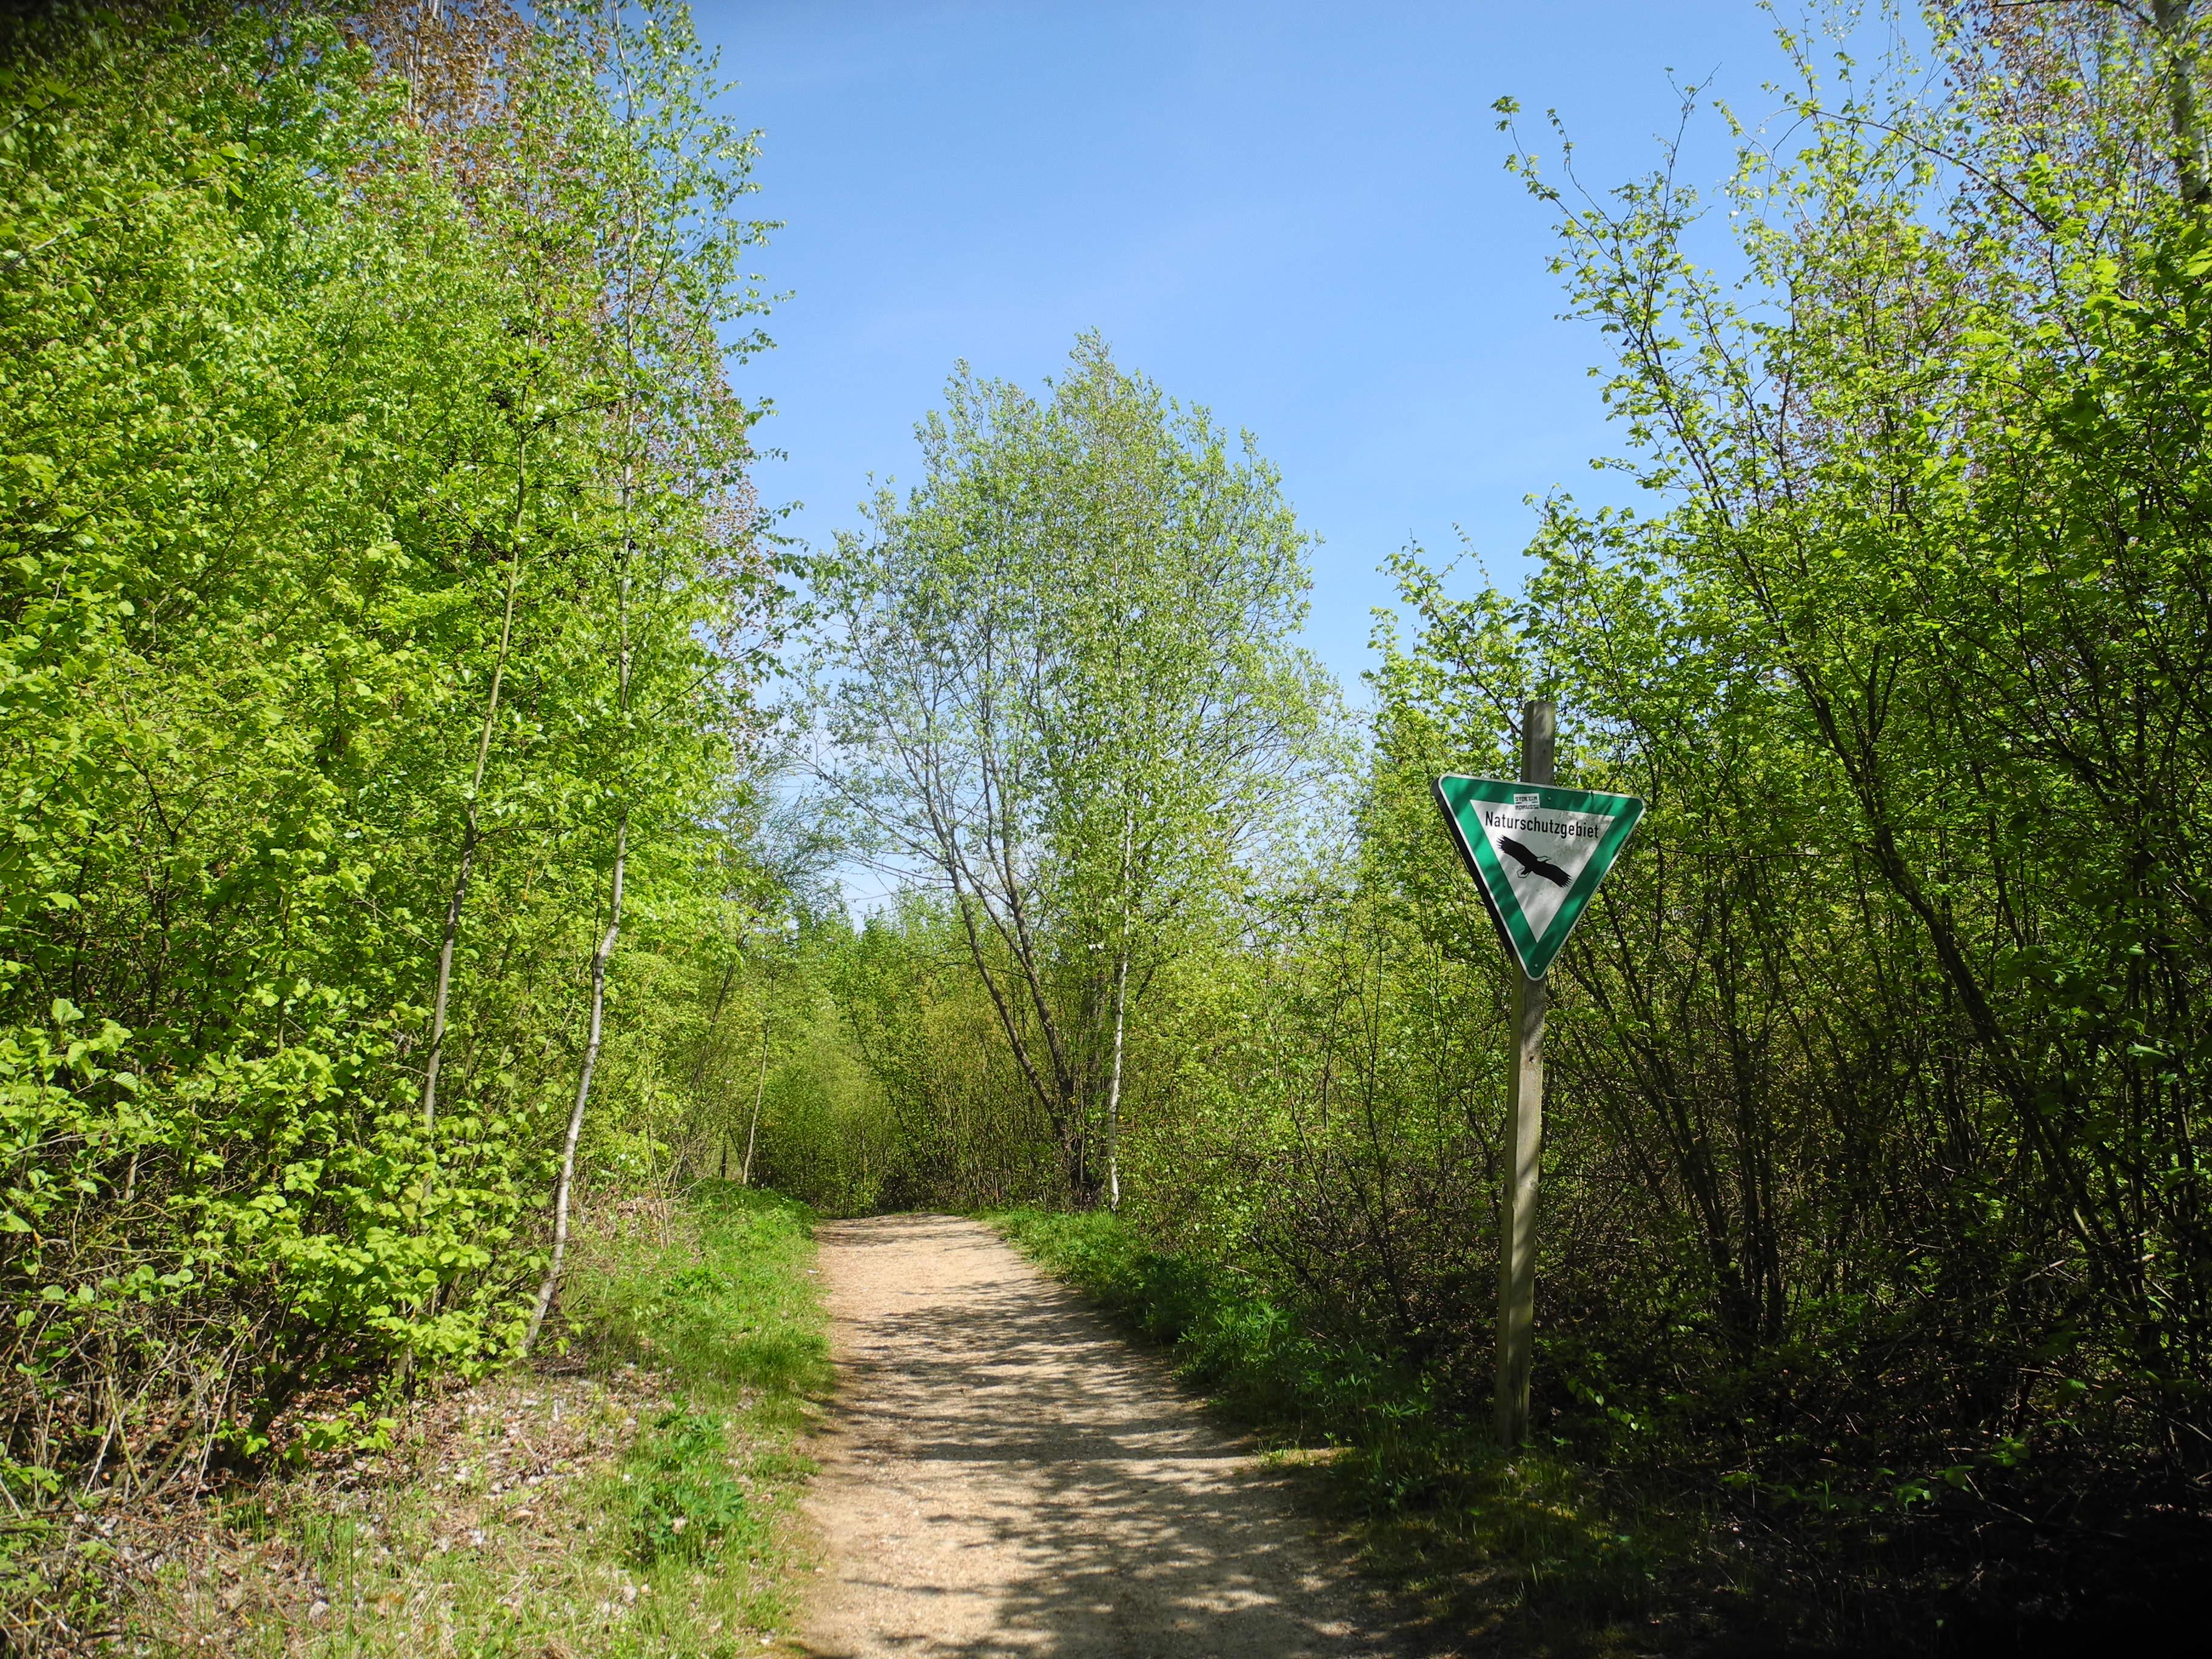 Wald am Blaustein-See in Eschweiler